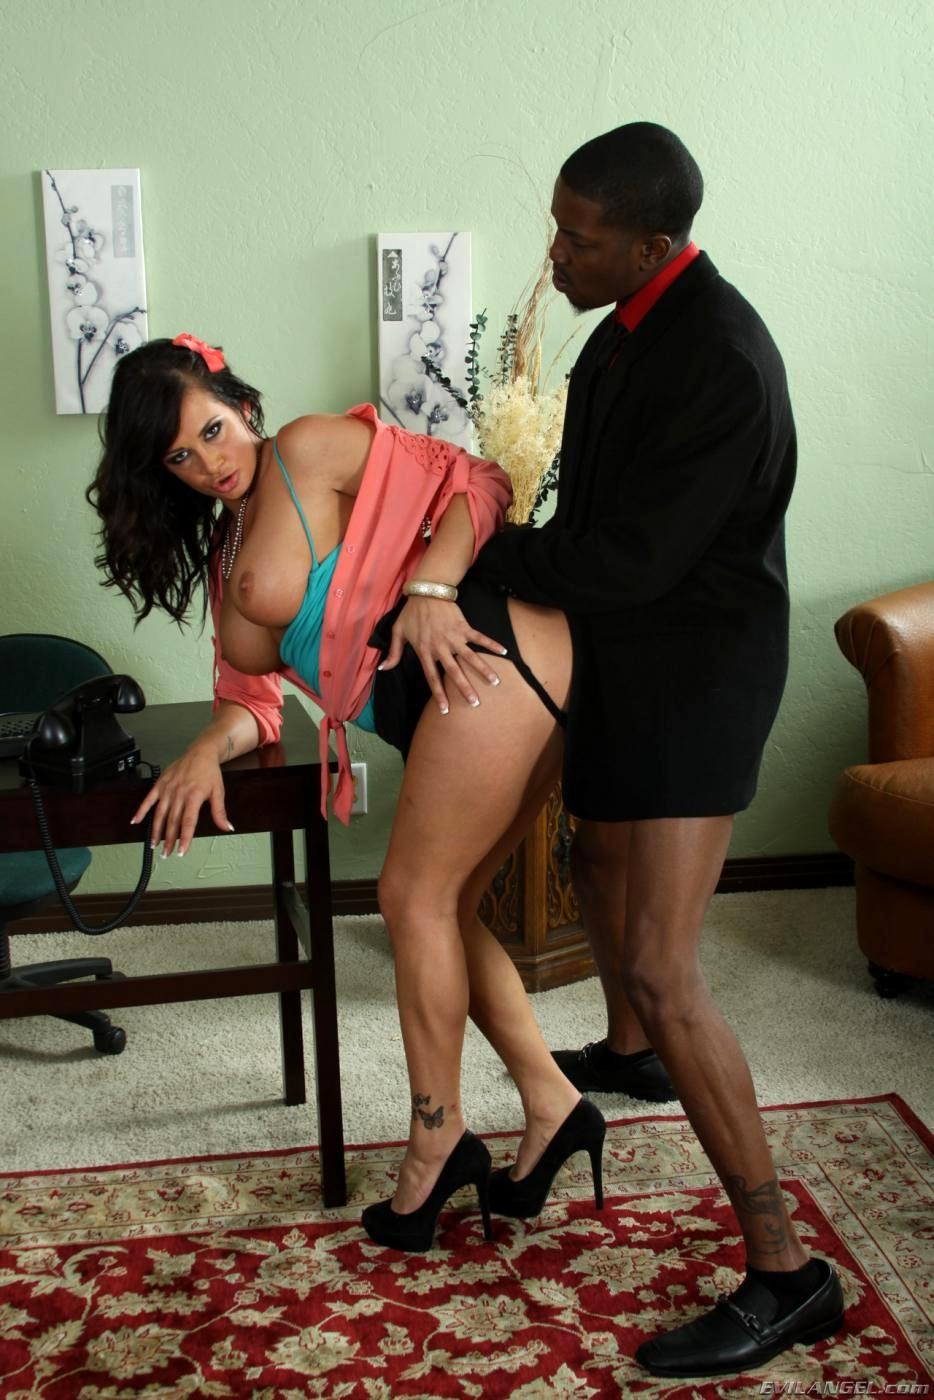 мужчина уходит секретарша хочет негра кстати